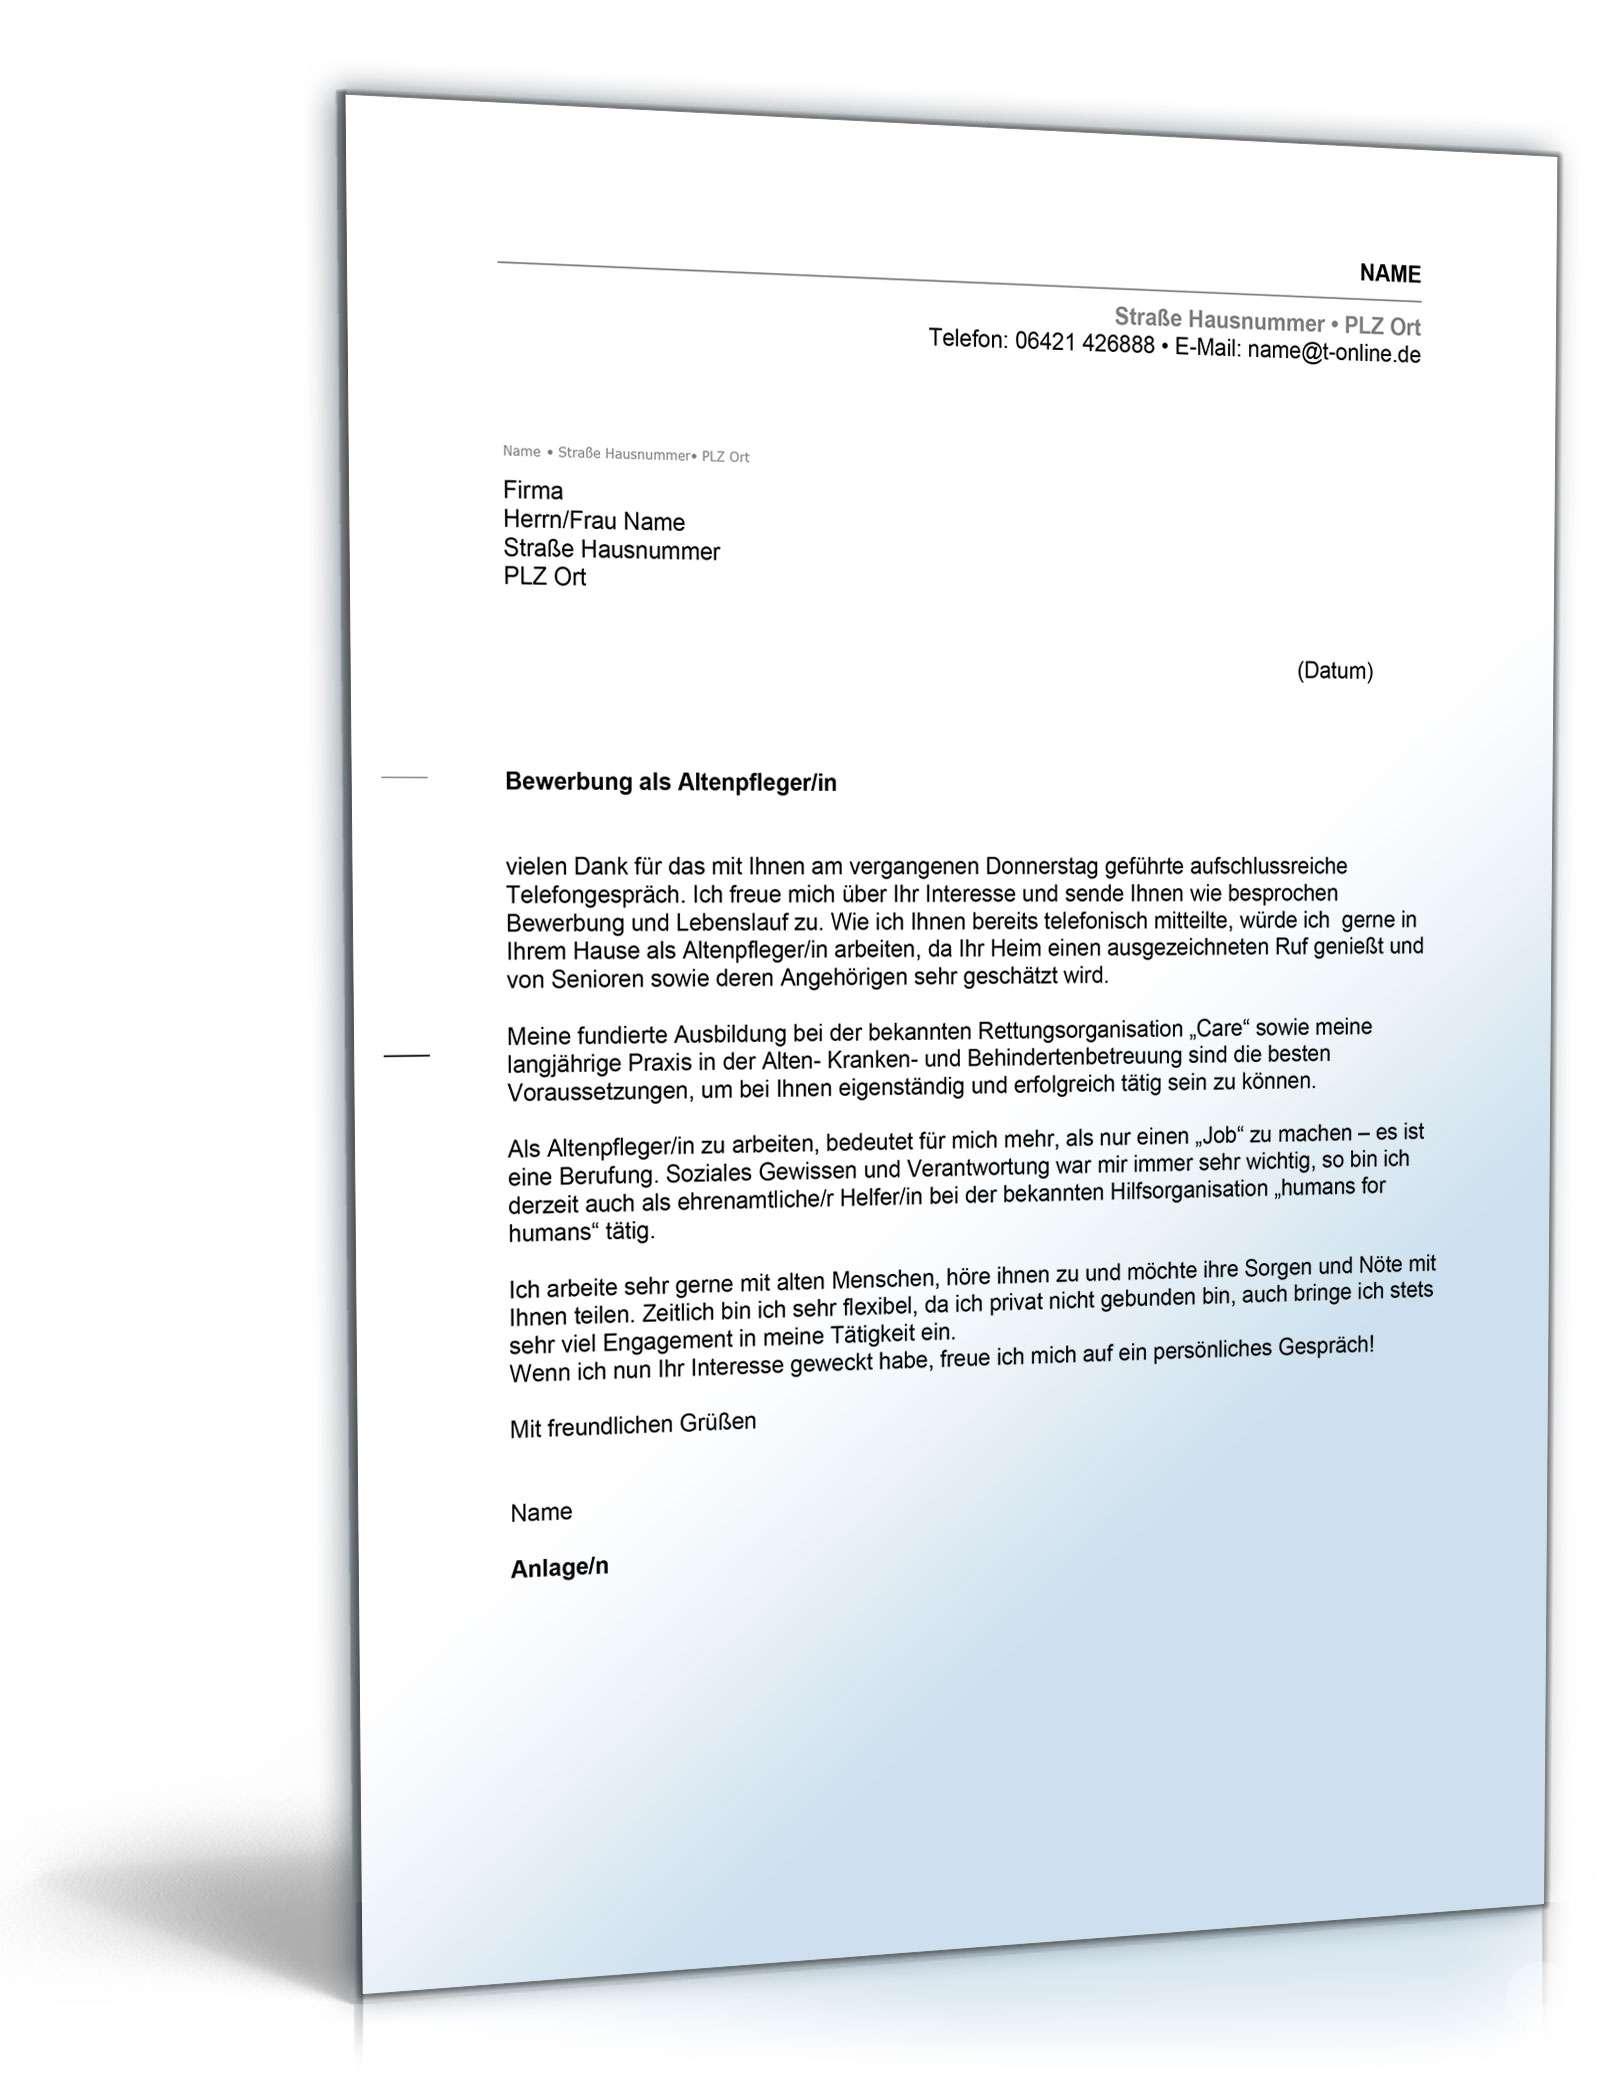 Anschreiben Bewerbung (Altenpfleger/ Altenpflegerin) Dokument zum Download